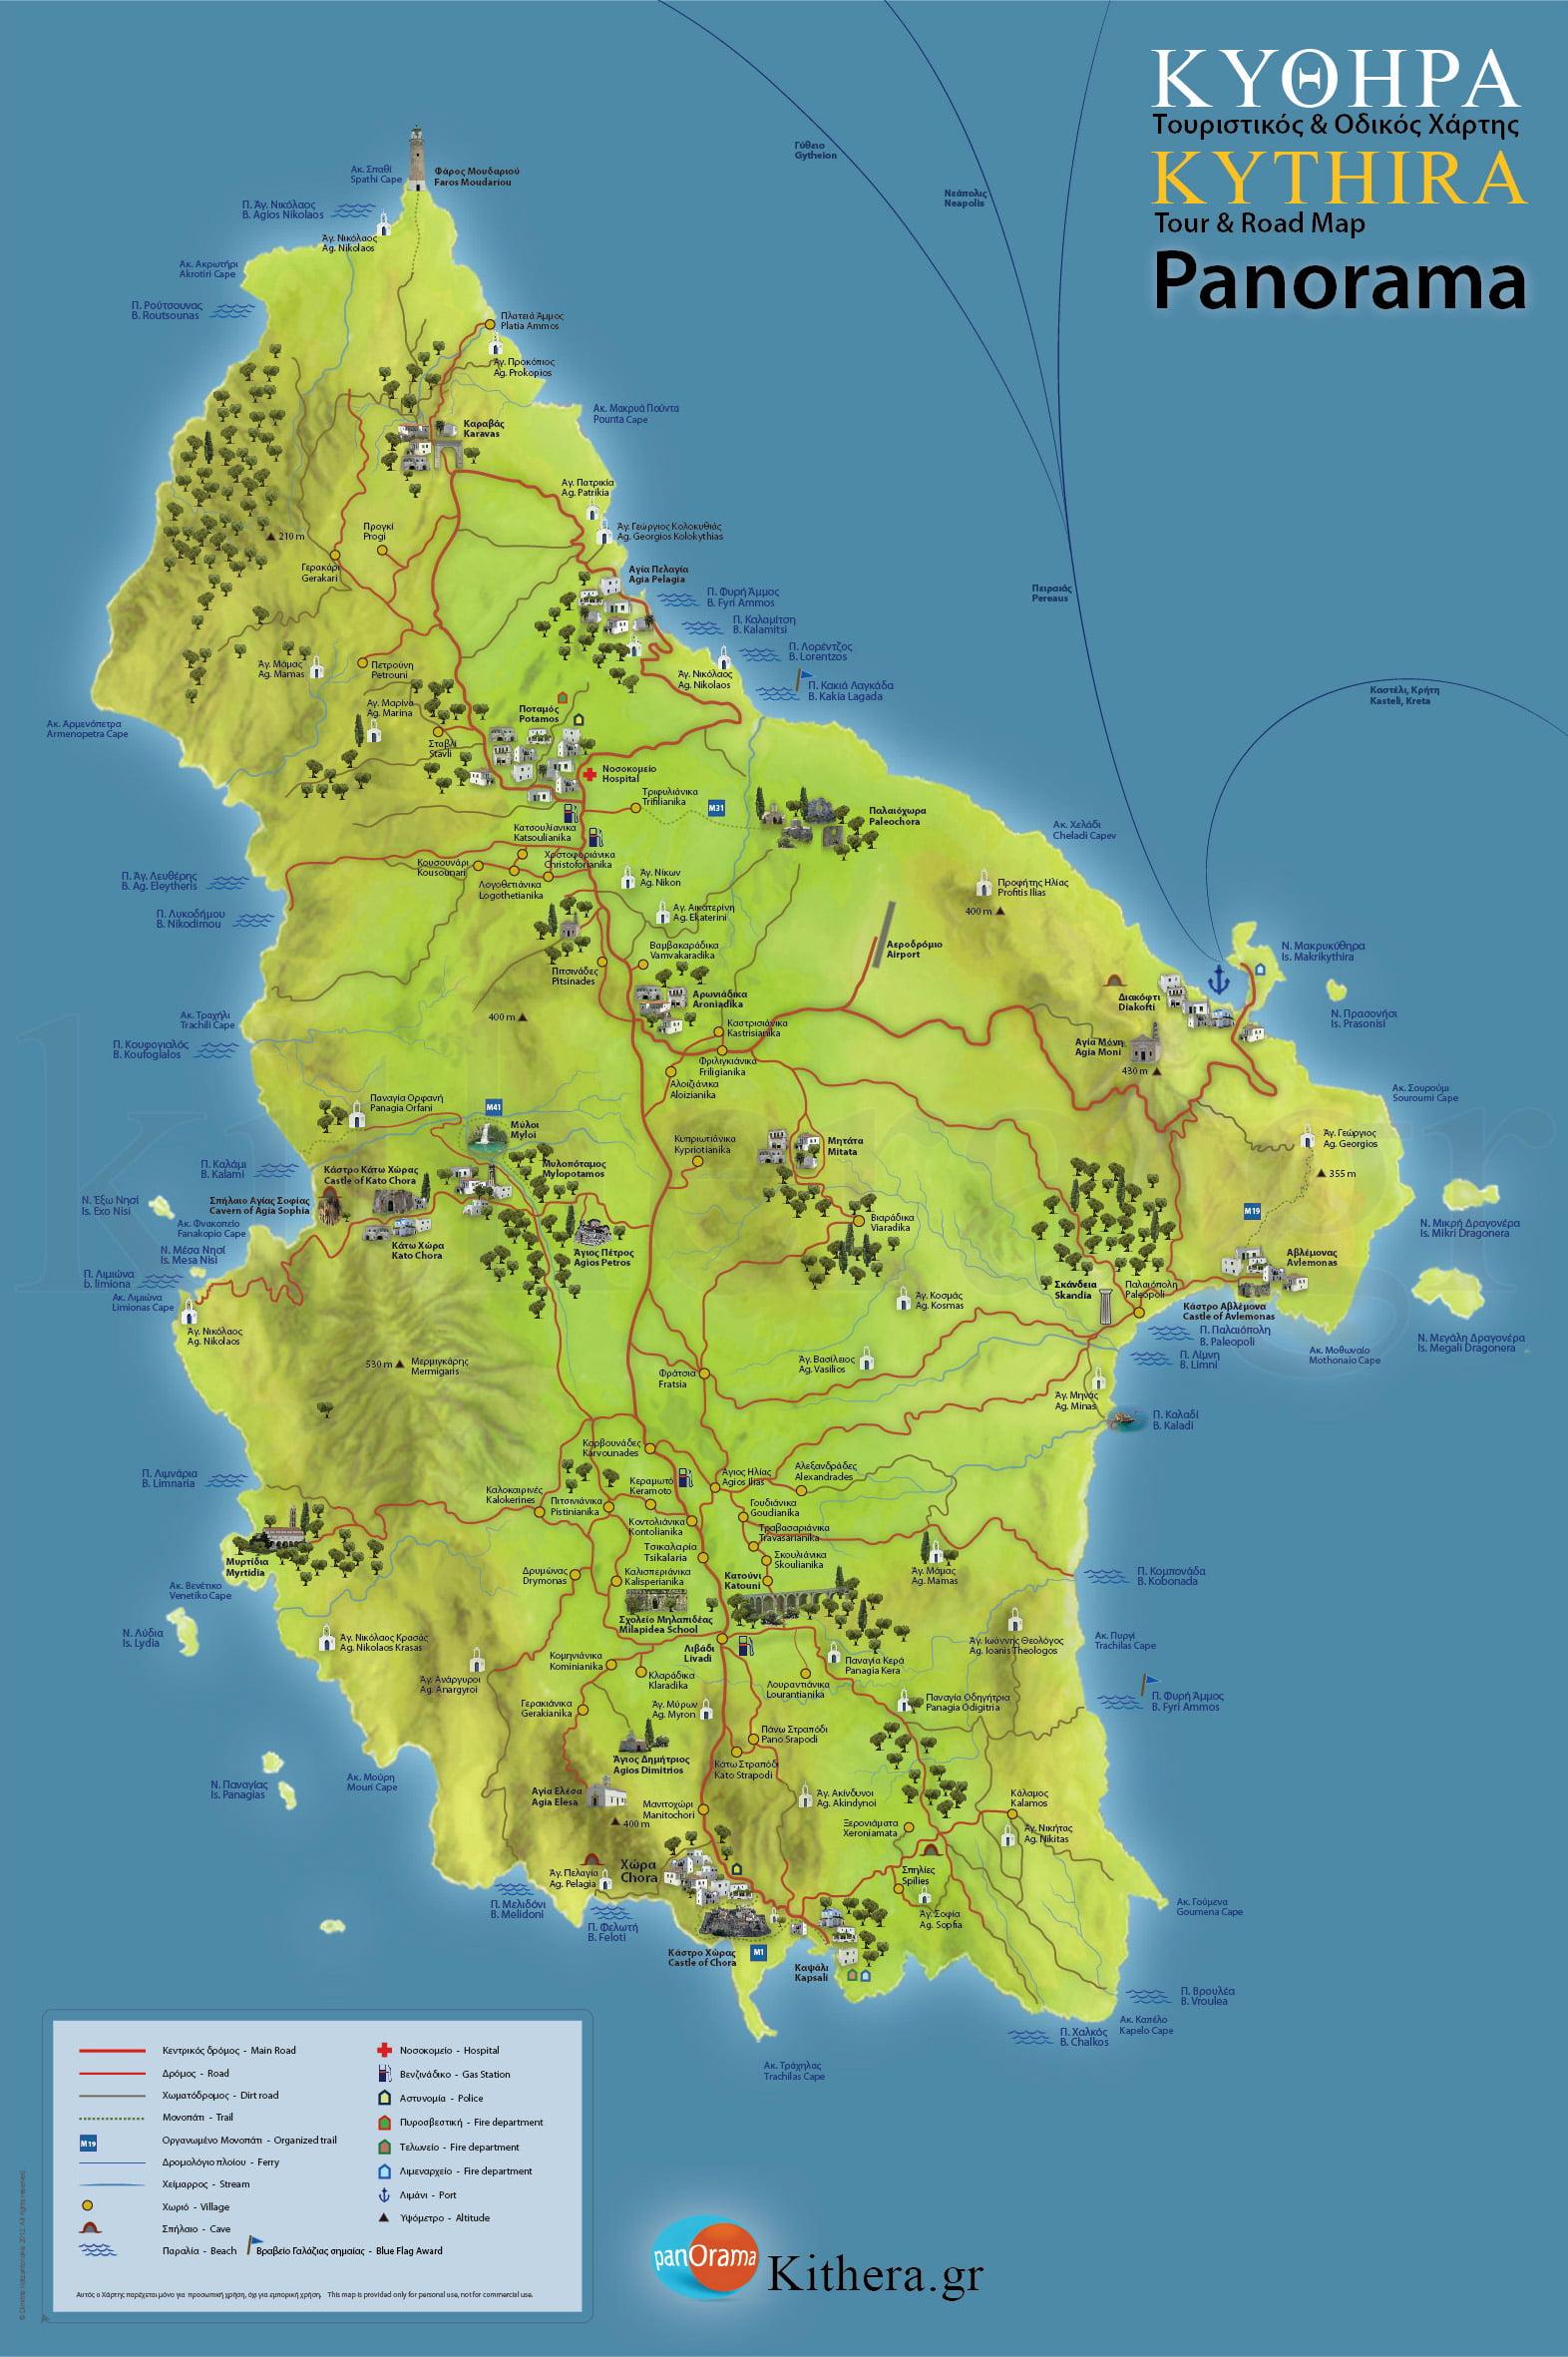 Χάρτης Κύθηρα